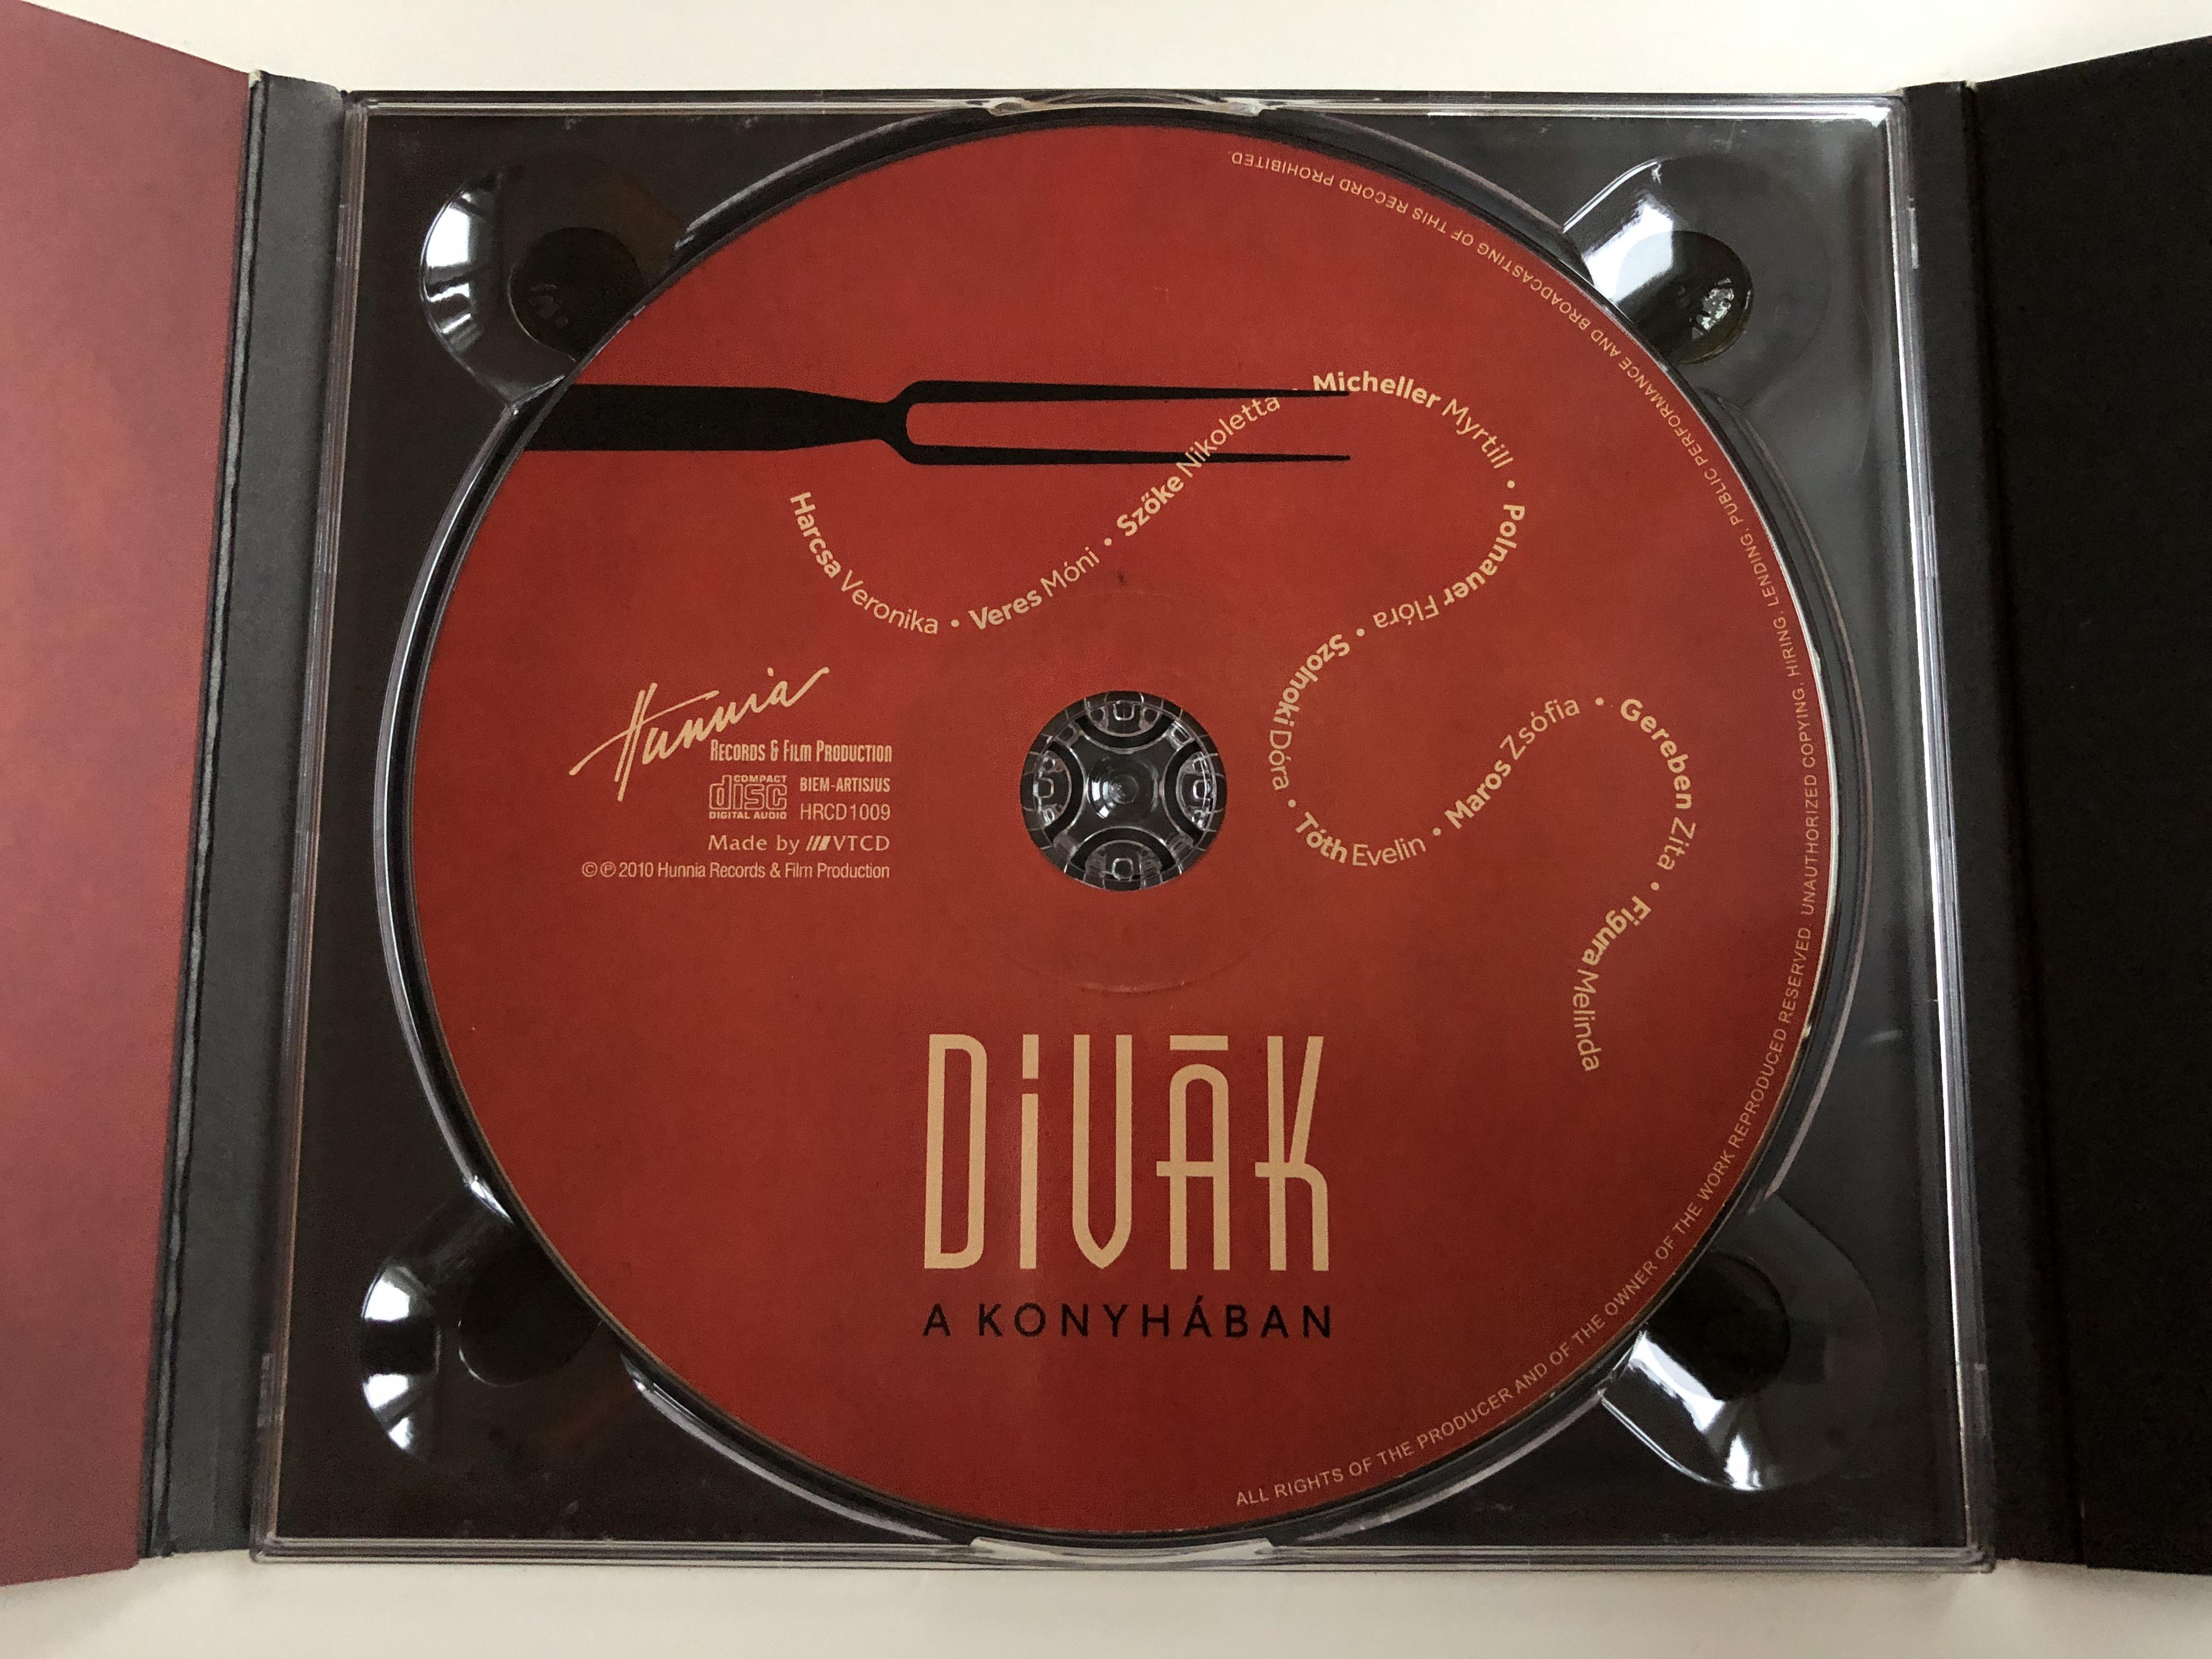 d-v-k-a-konyh-ban-hunnia-records-film-production-audio-cd-2010-hrcd-1009-3-.jpg